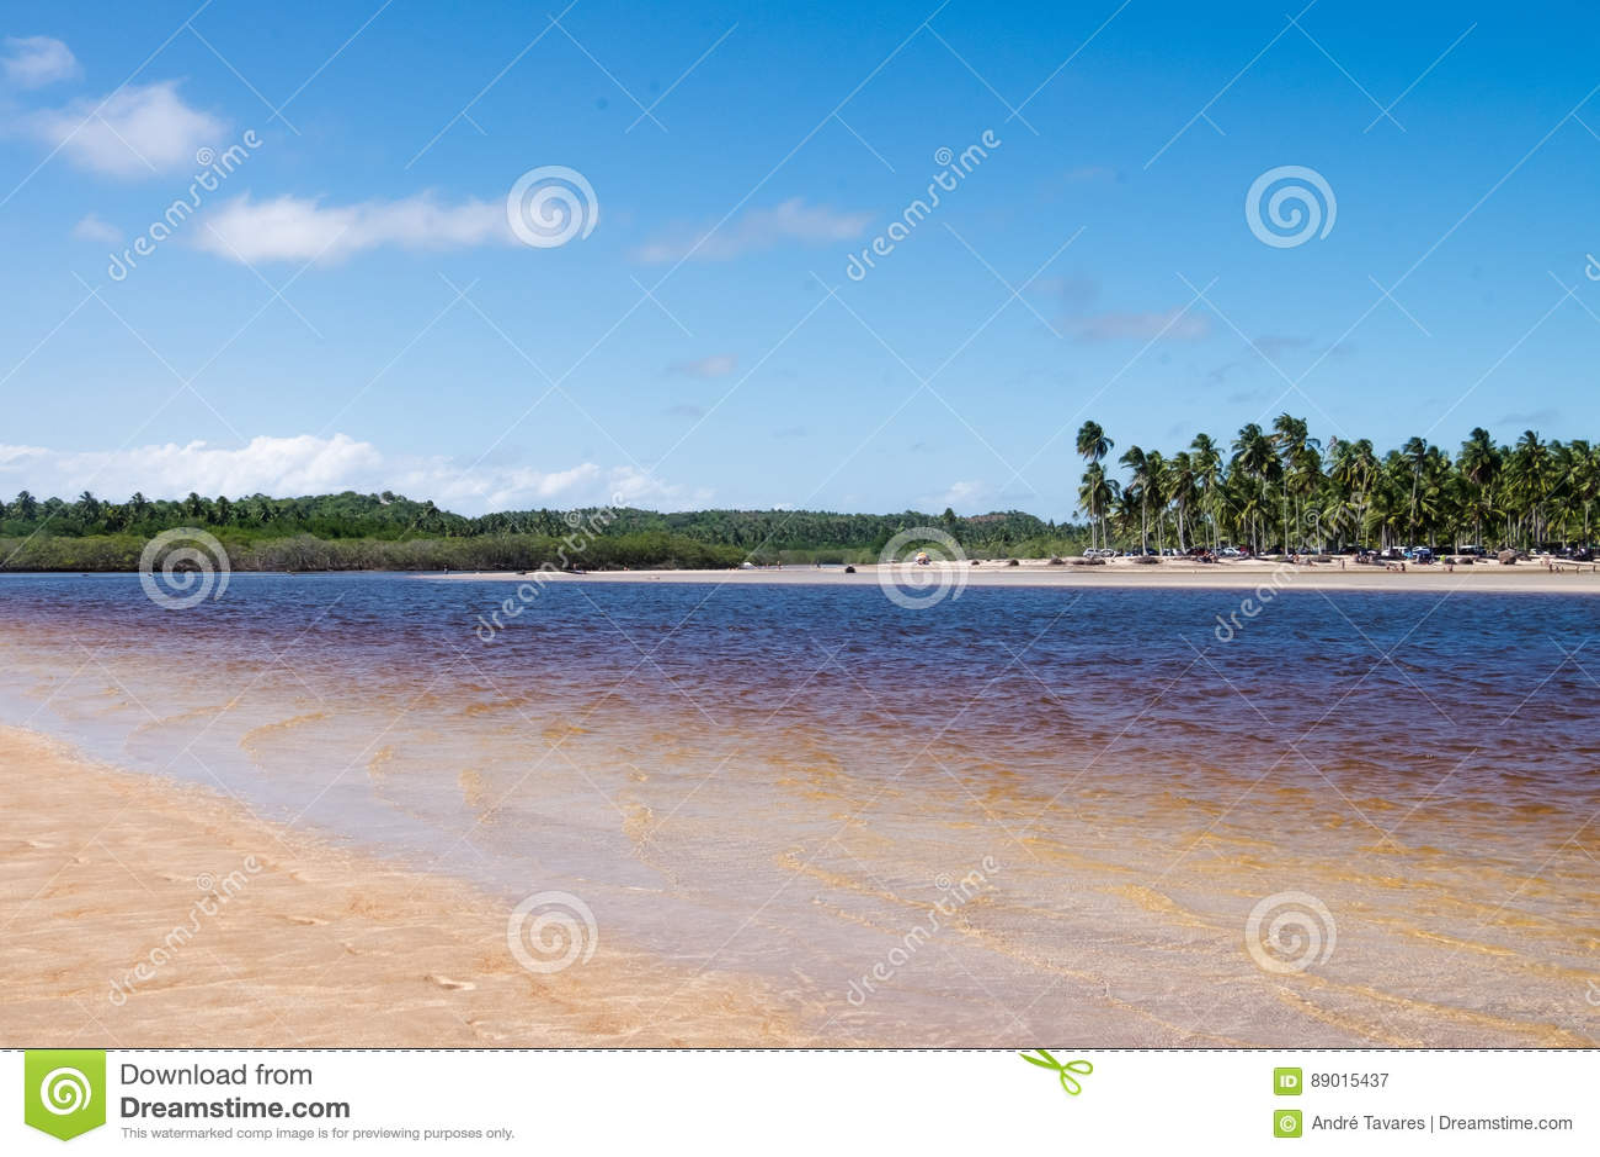 SaoMiguel DOS Milagres - Alagoas, Brasilien